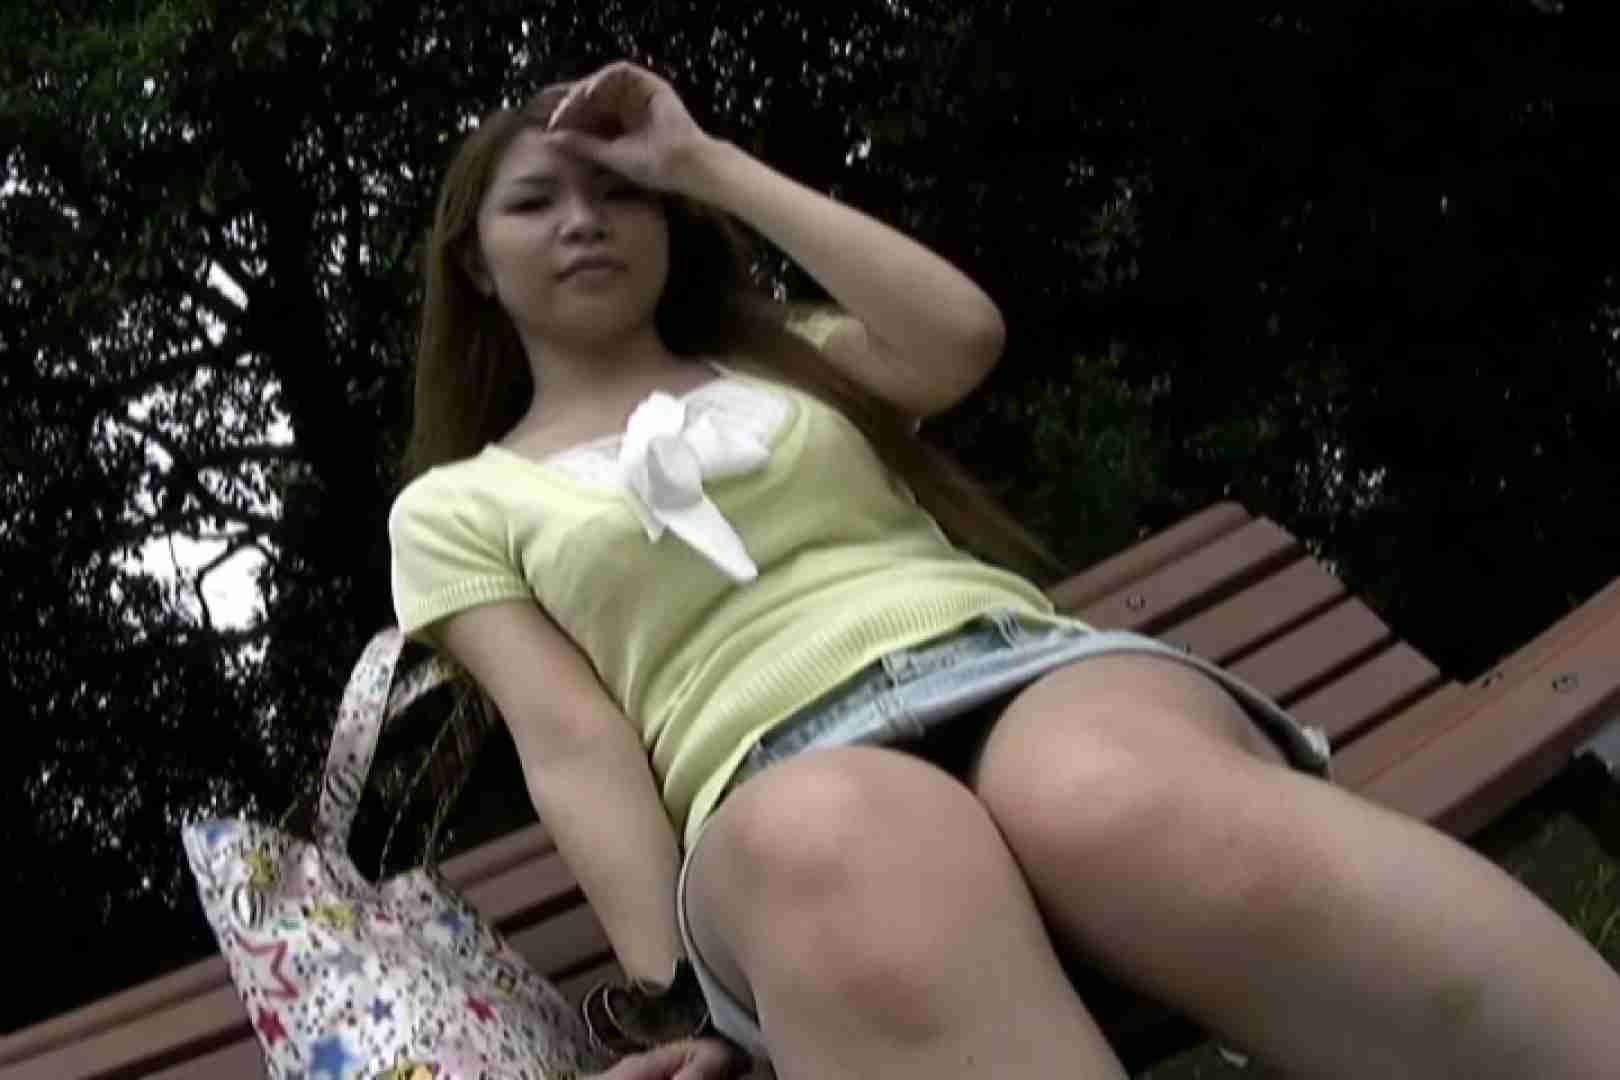 ハイビジョンパンチラ オッテQさんの追跡パンチラ階段編Vol.02 盗撮 オマンコ無修正動画無料 85pic 15